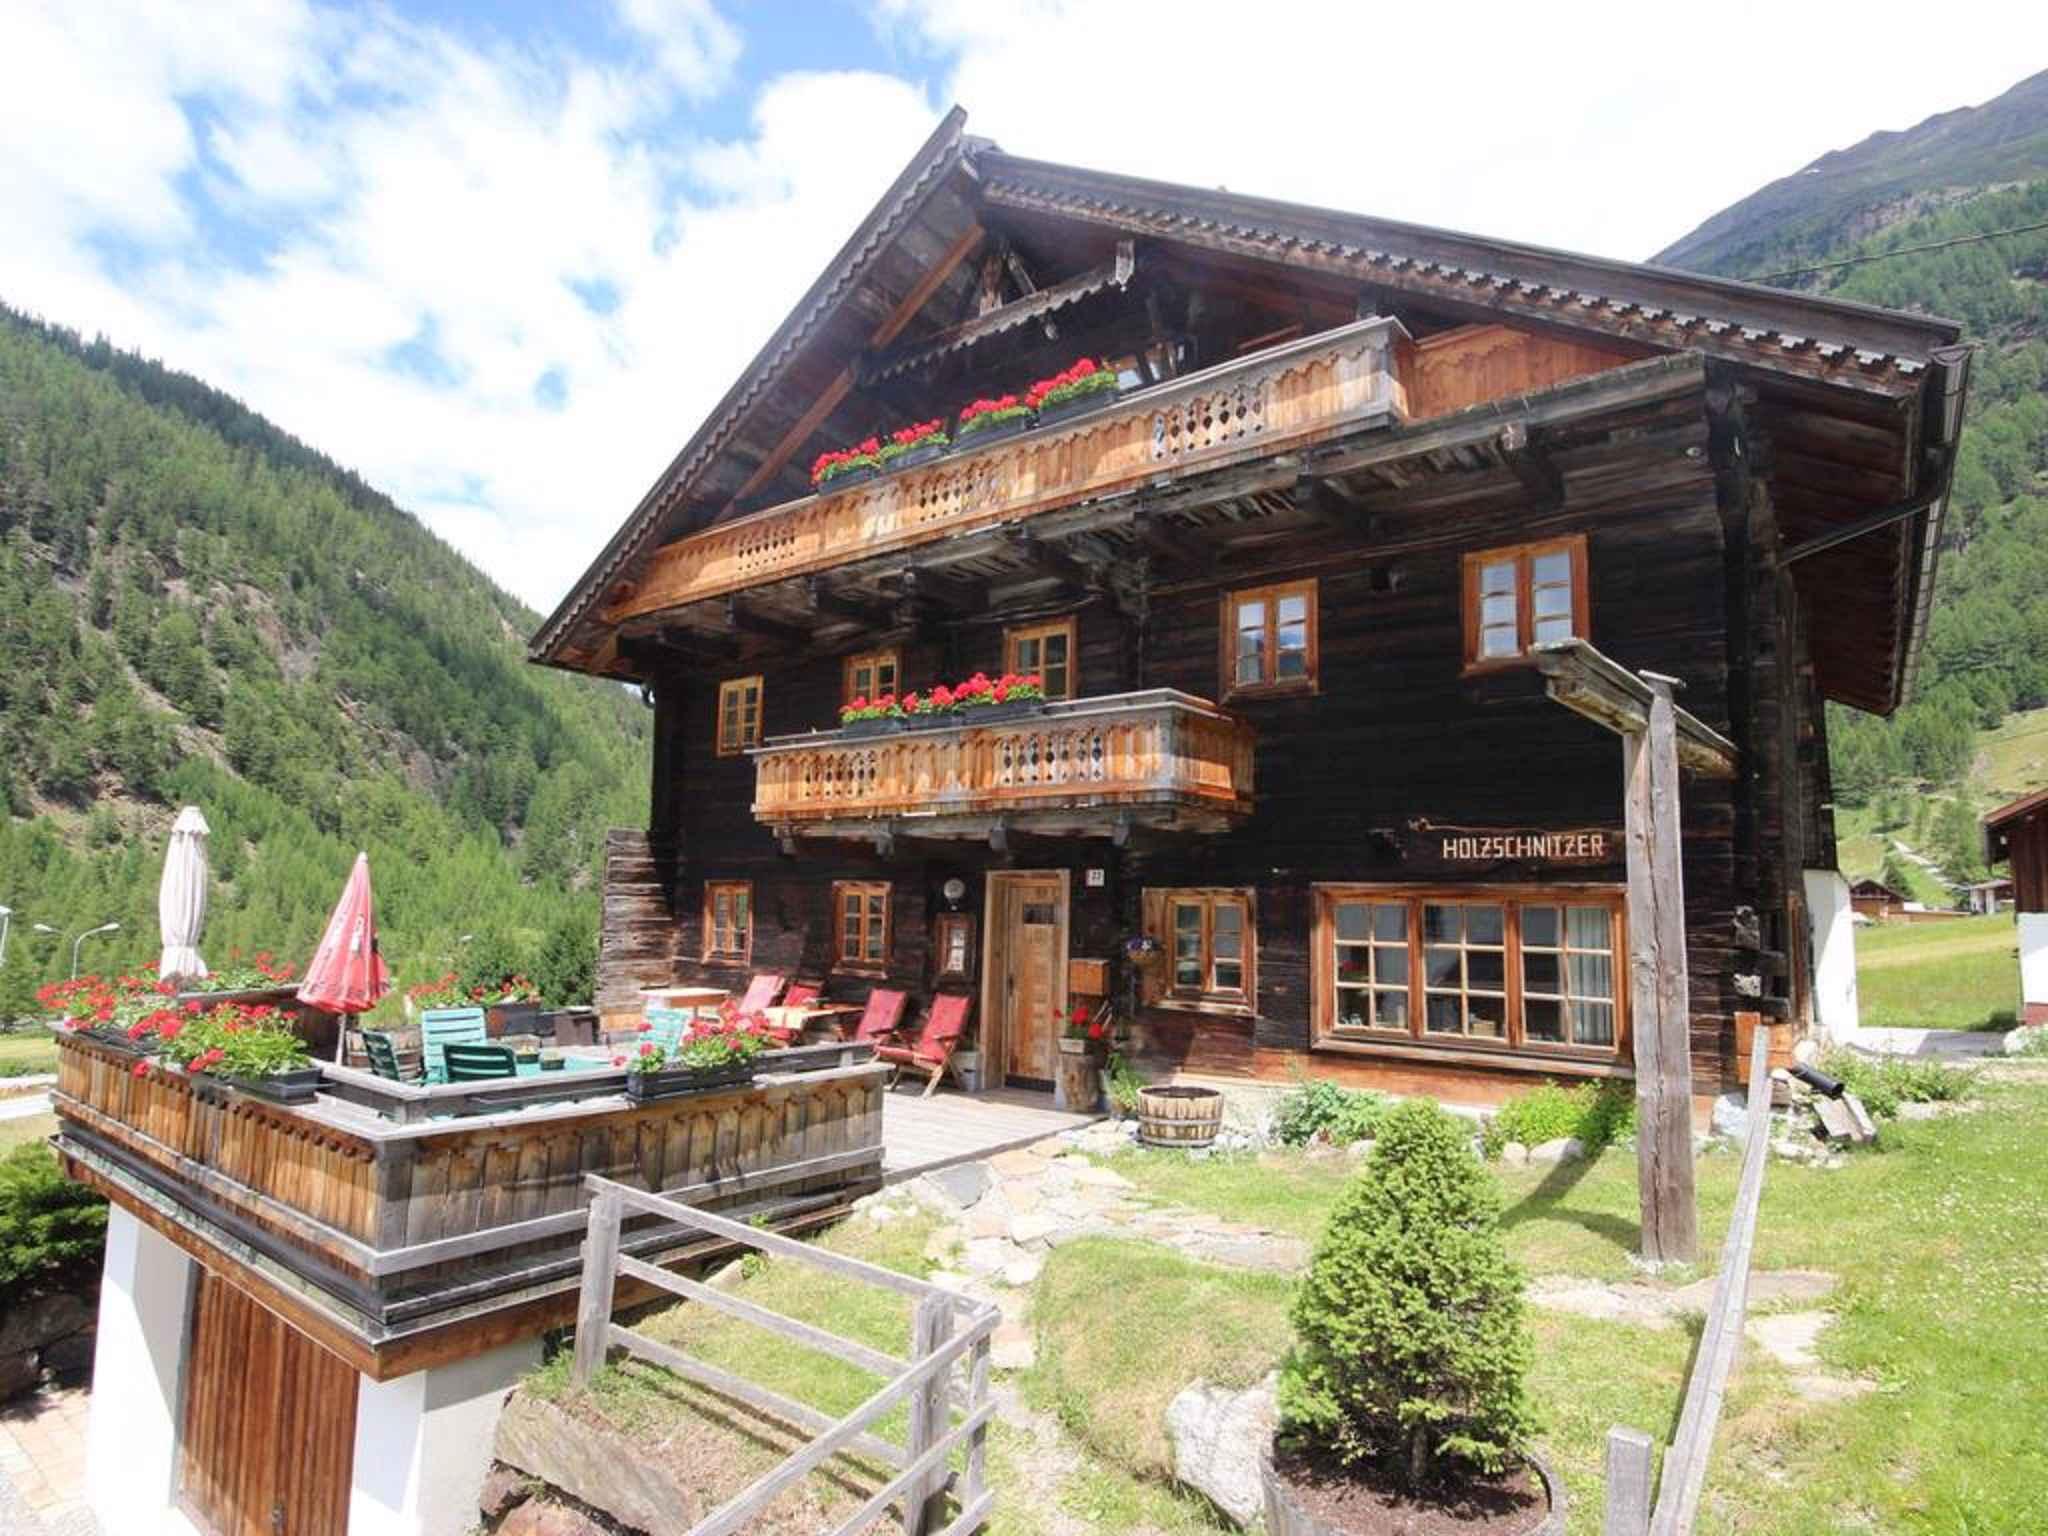 Ferienwohnung in einem über 300 Jahre alten Holzhaus (283708), Sölden (AT), Ötztal, Tirol, Österreich, Bild 3